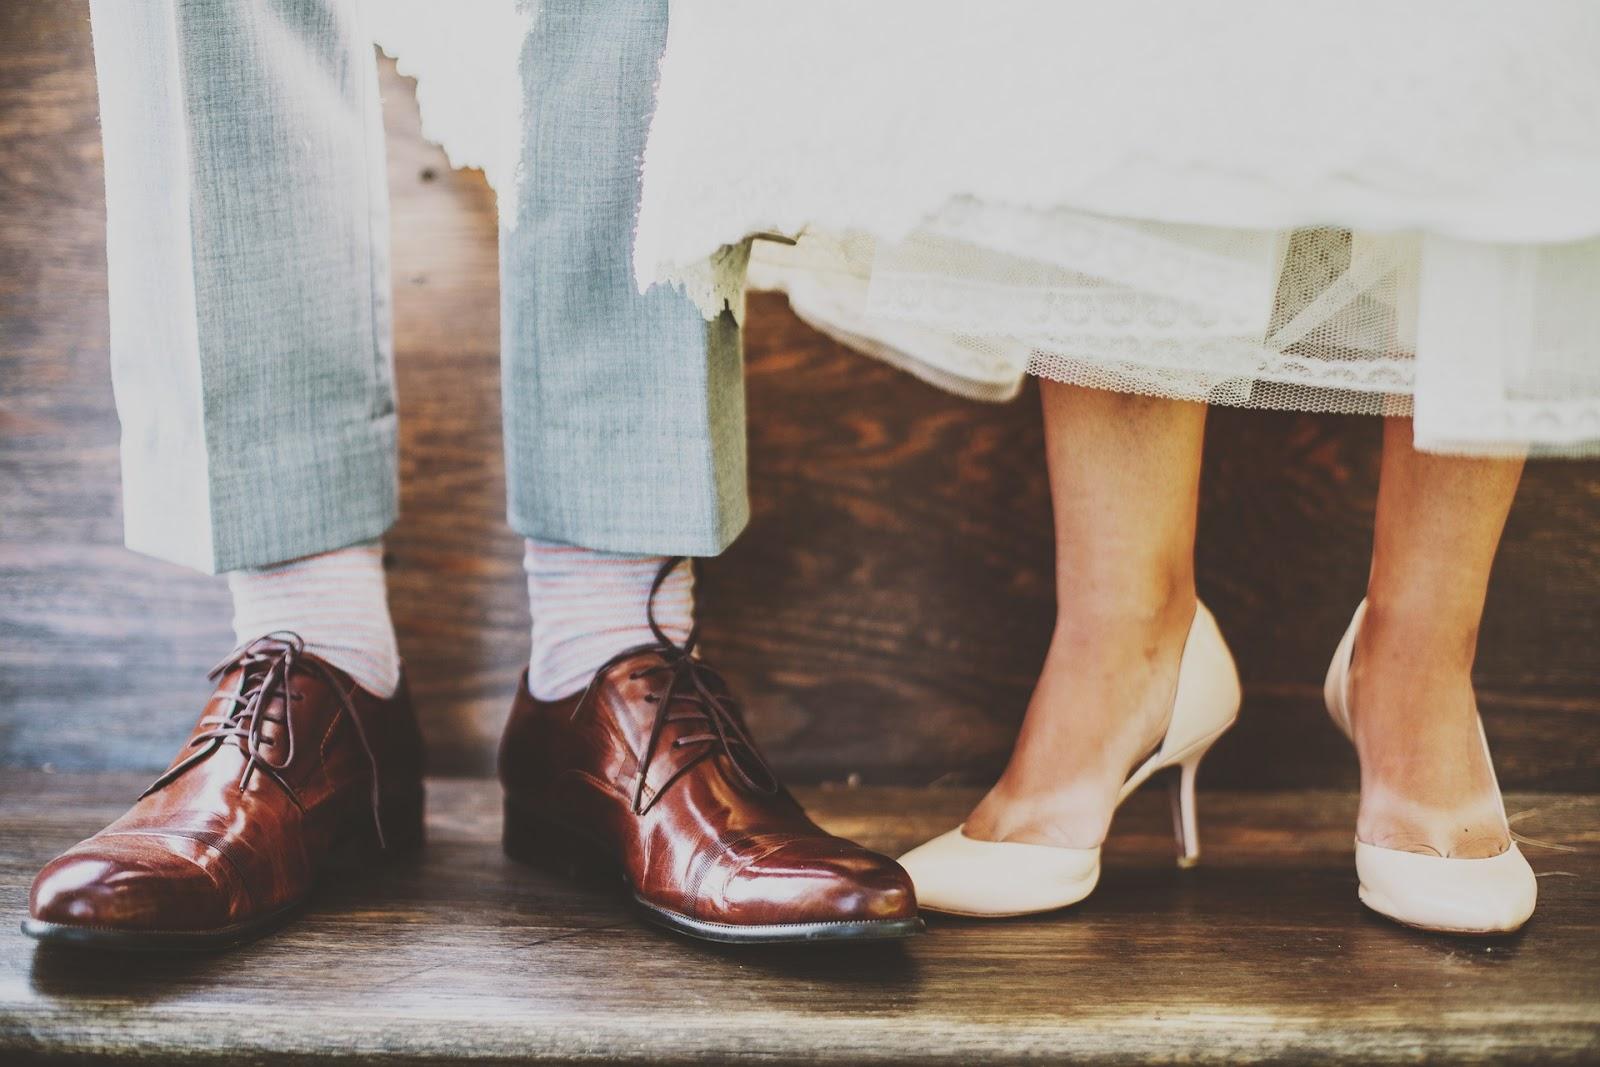 Свадьба в стиле ретро: особенности организации и оформления торжества, образы для жениха и невесты, декор, аксессуары и фото-отзывы